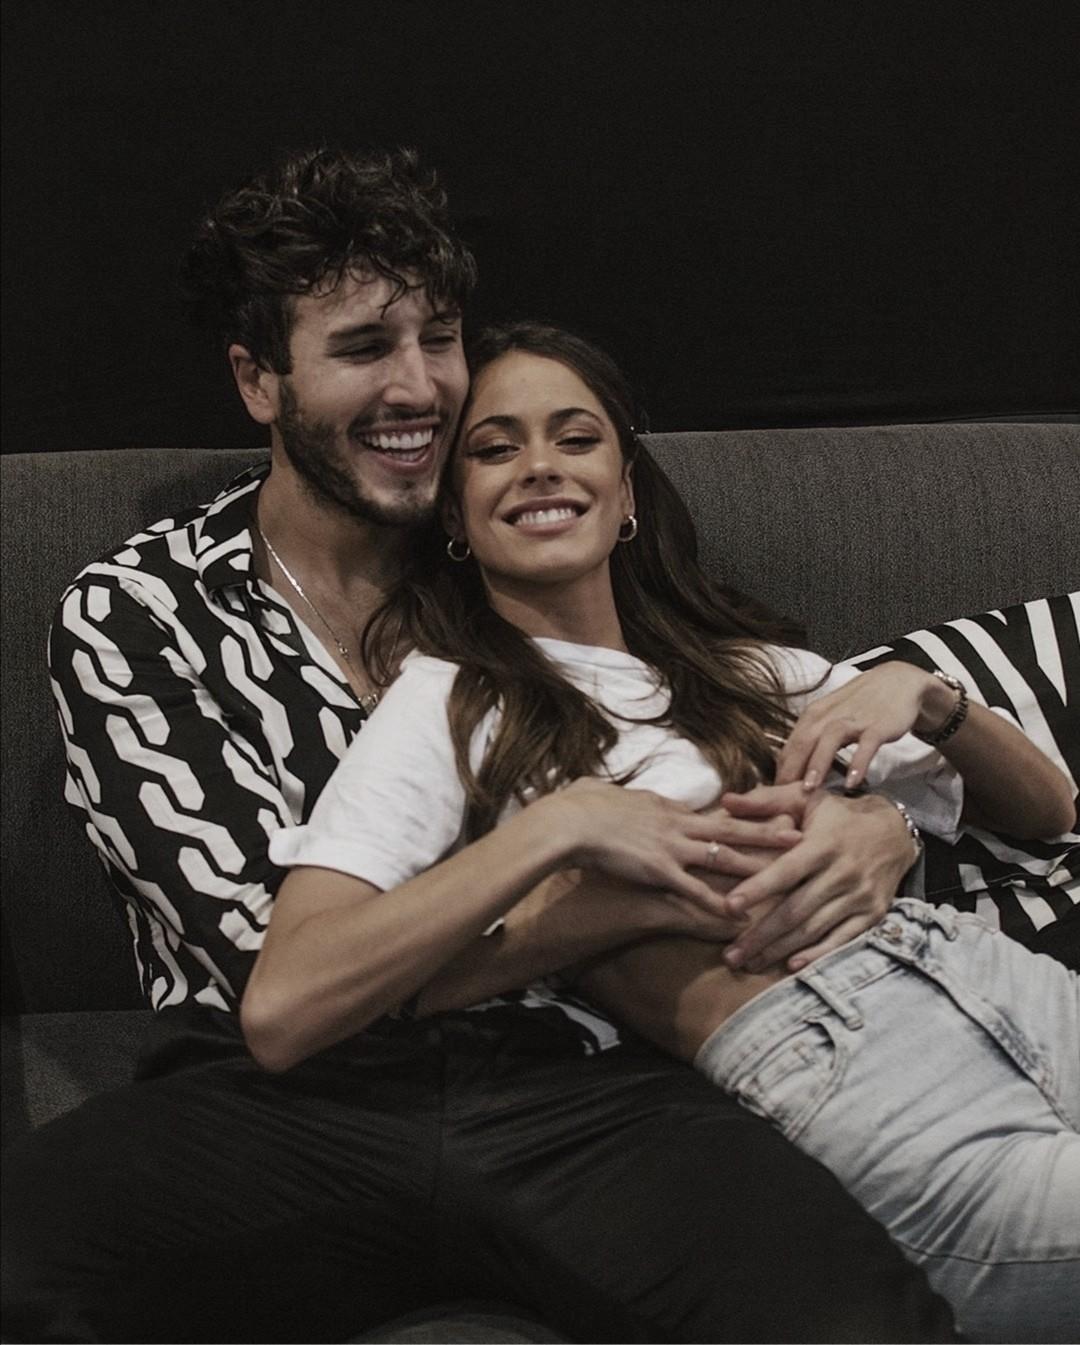 Nuevo single de Sebastián Yatra junto a Tini Stoessel